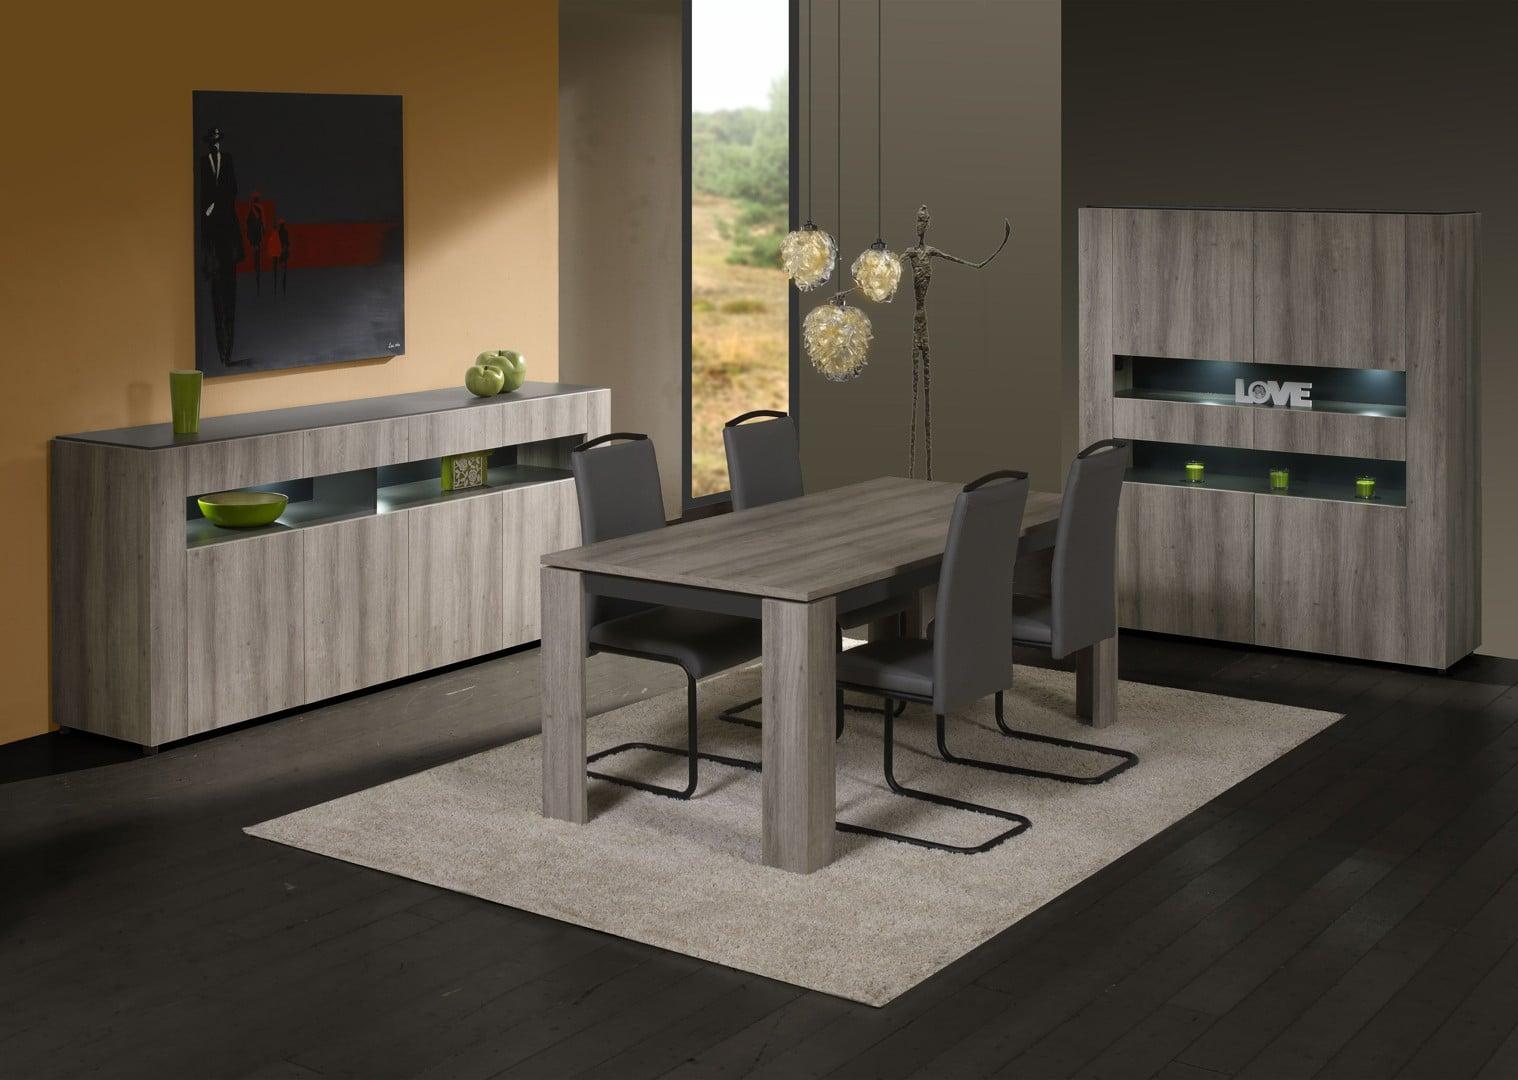 Moderniser votre intérieur grâce à une salle à manger design - Blog ...